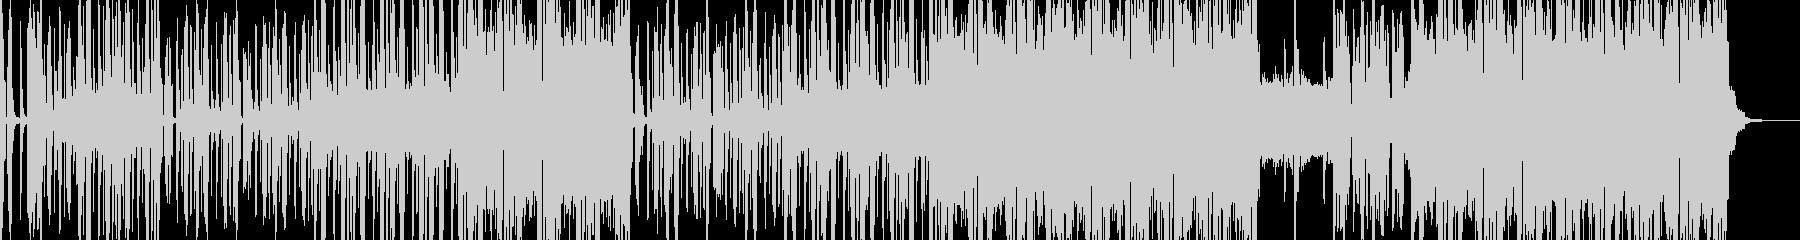 民族楽器・怪しげで恍惚なR&B ボイス有の未再生の波形